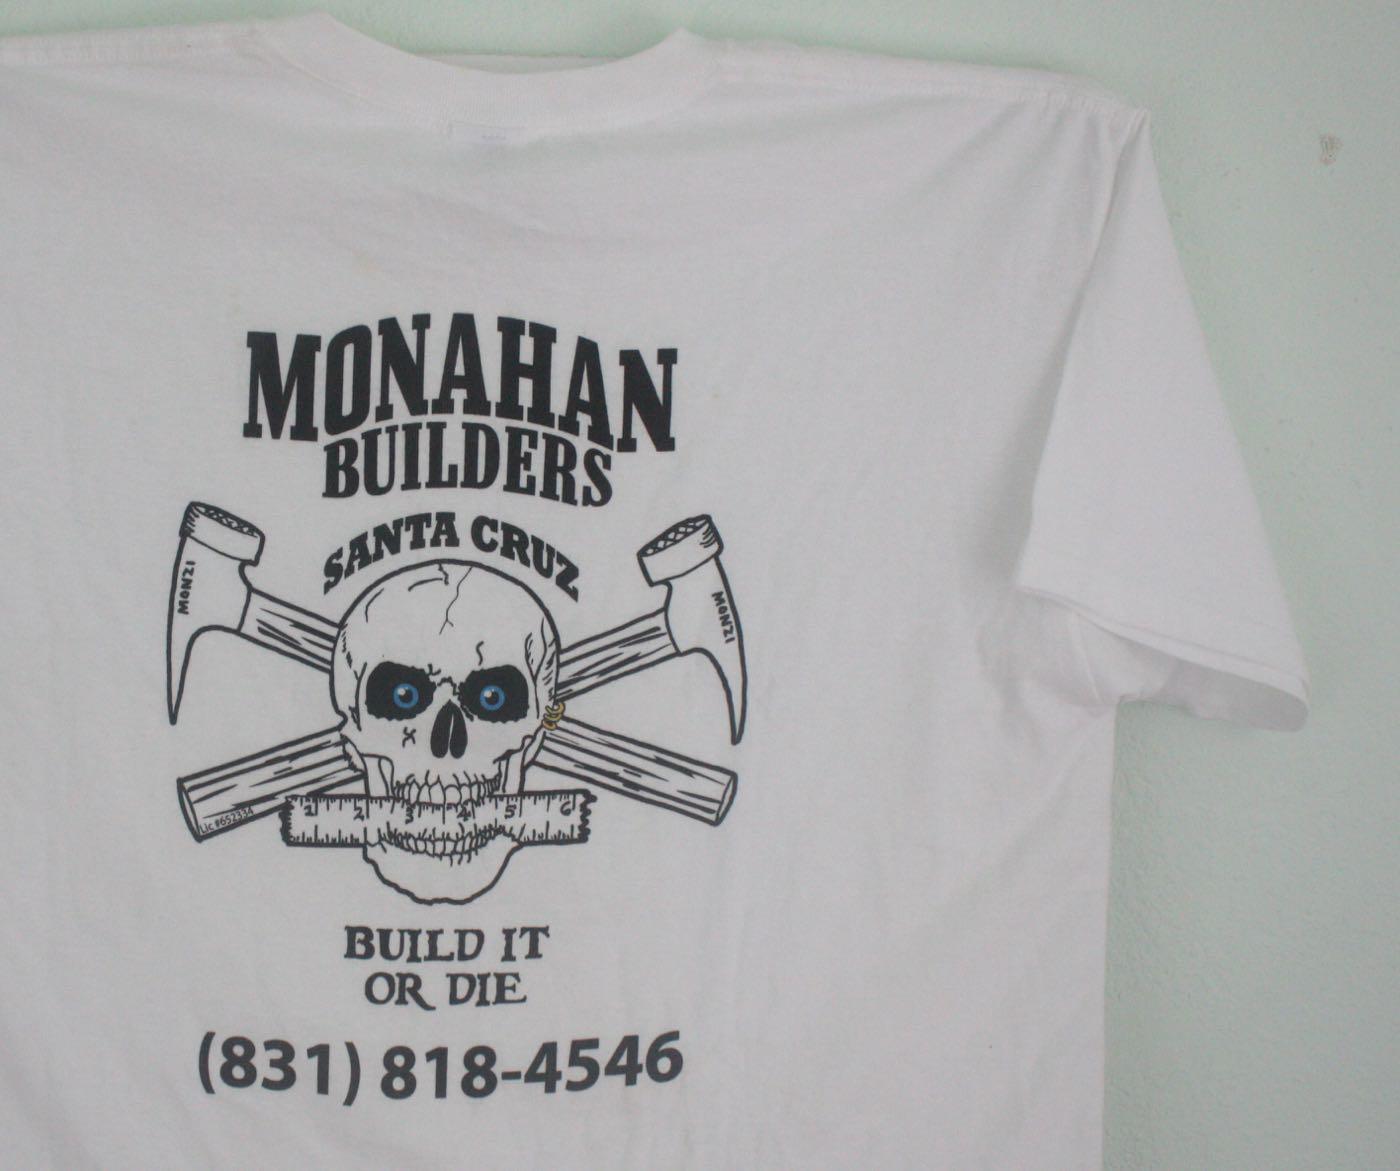 Santa Cruz Monahan Contractor Build it or Die Tee